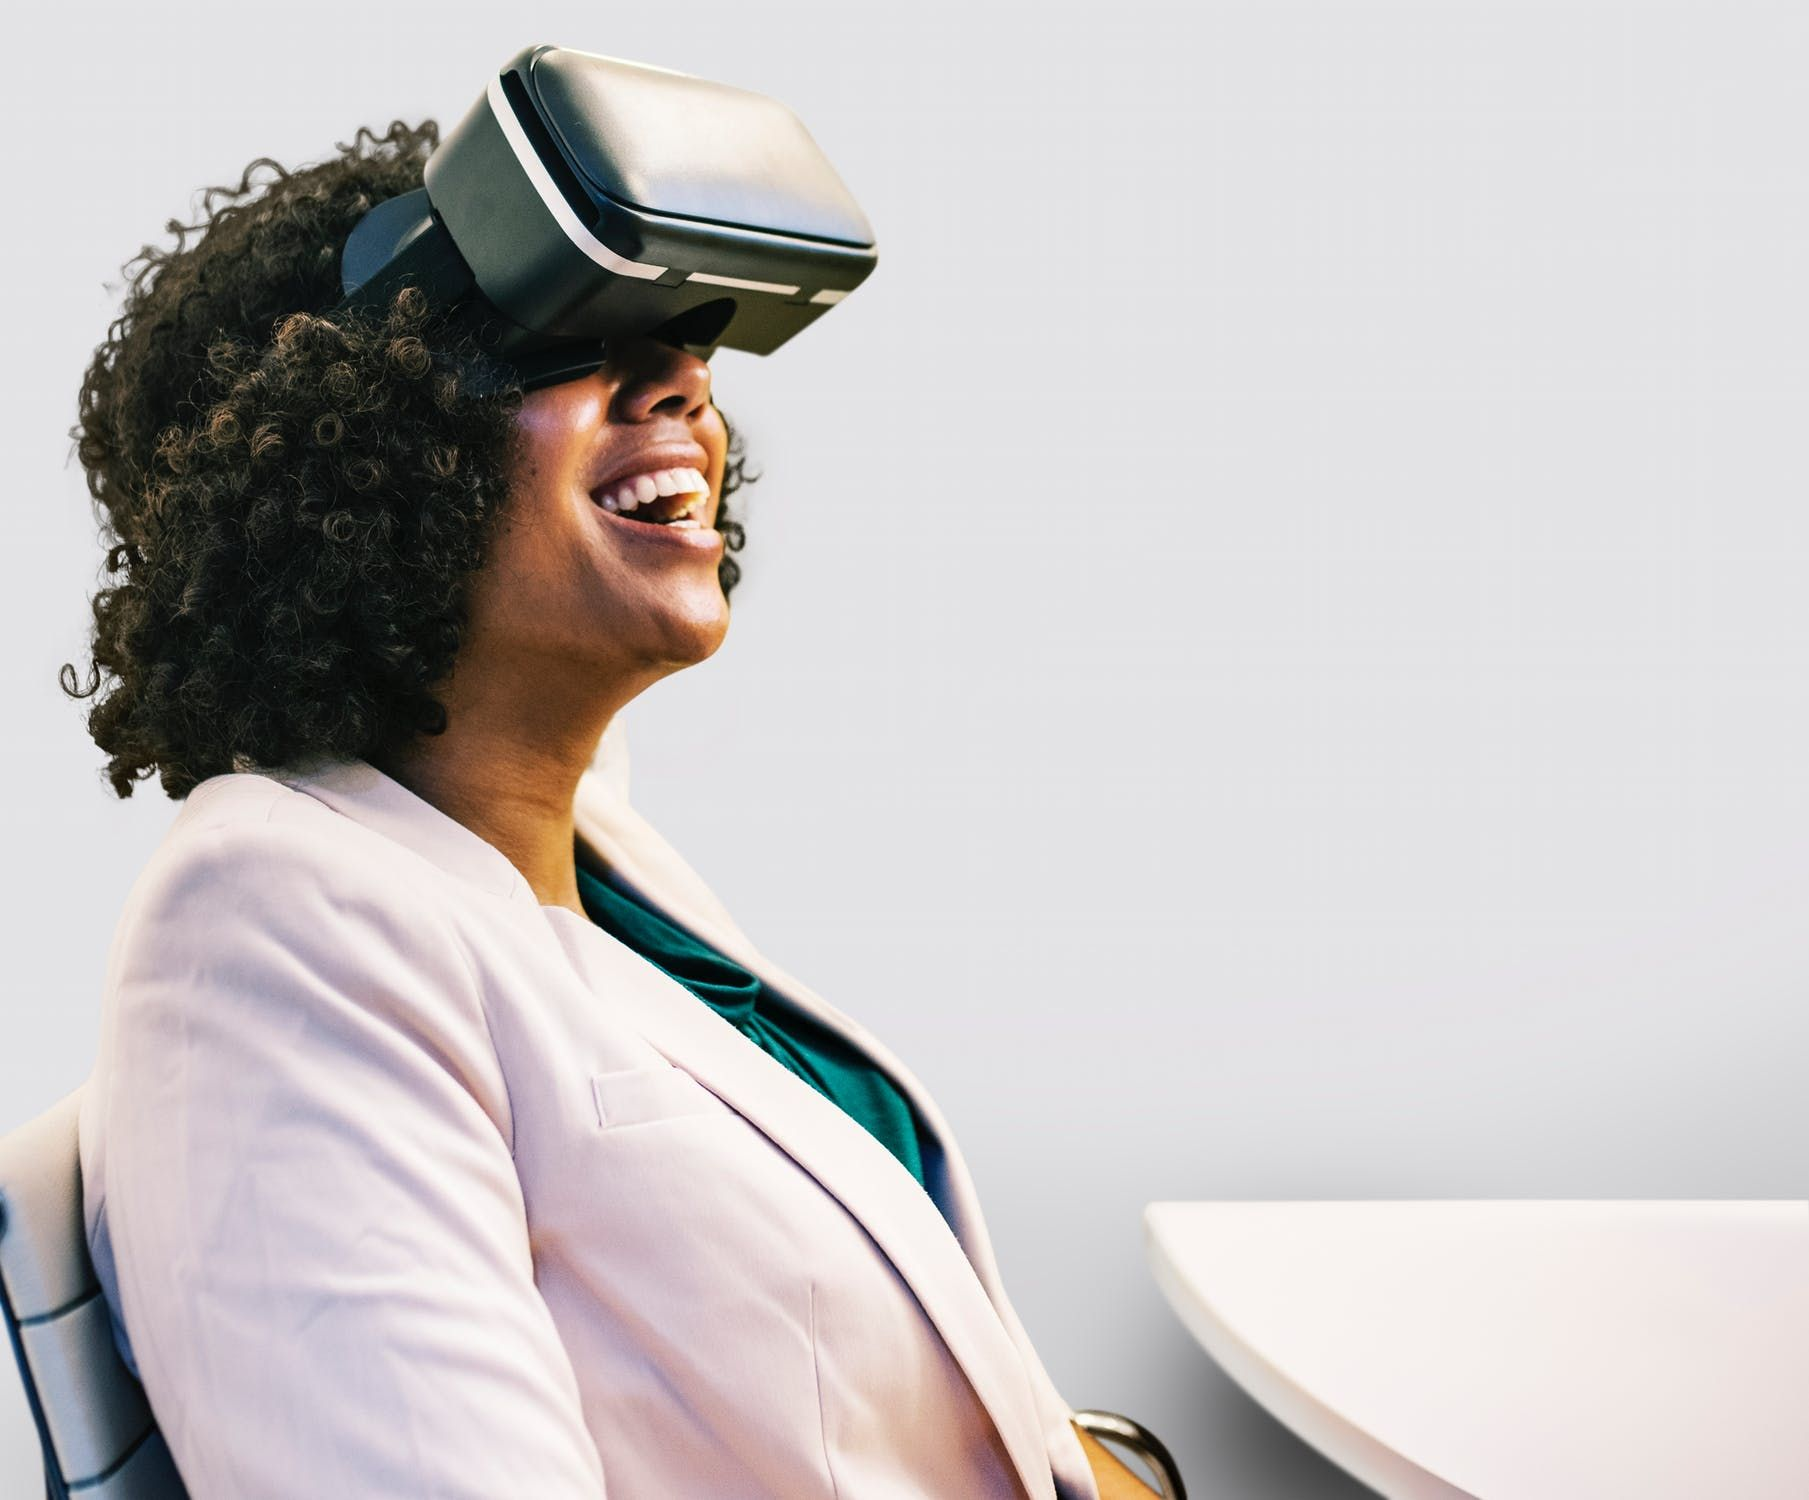 Een mevrouw zit aan een tafel met een Virtual Reality-bril op. Ze kijkt naar boven en lacht voluit.